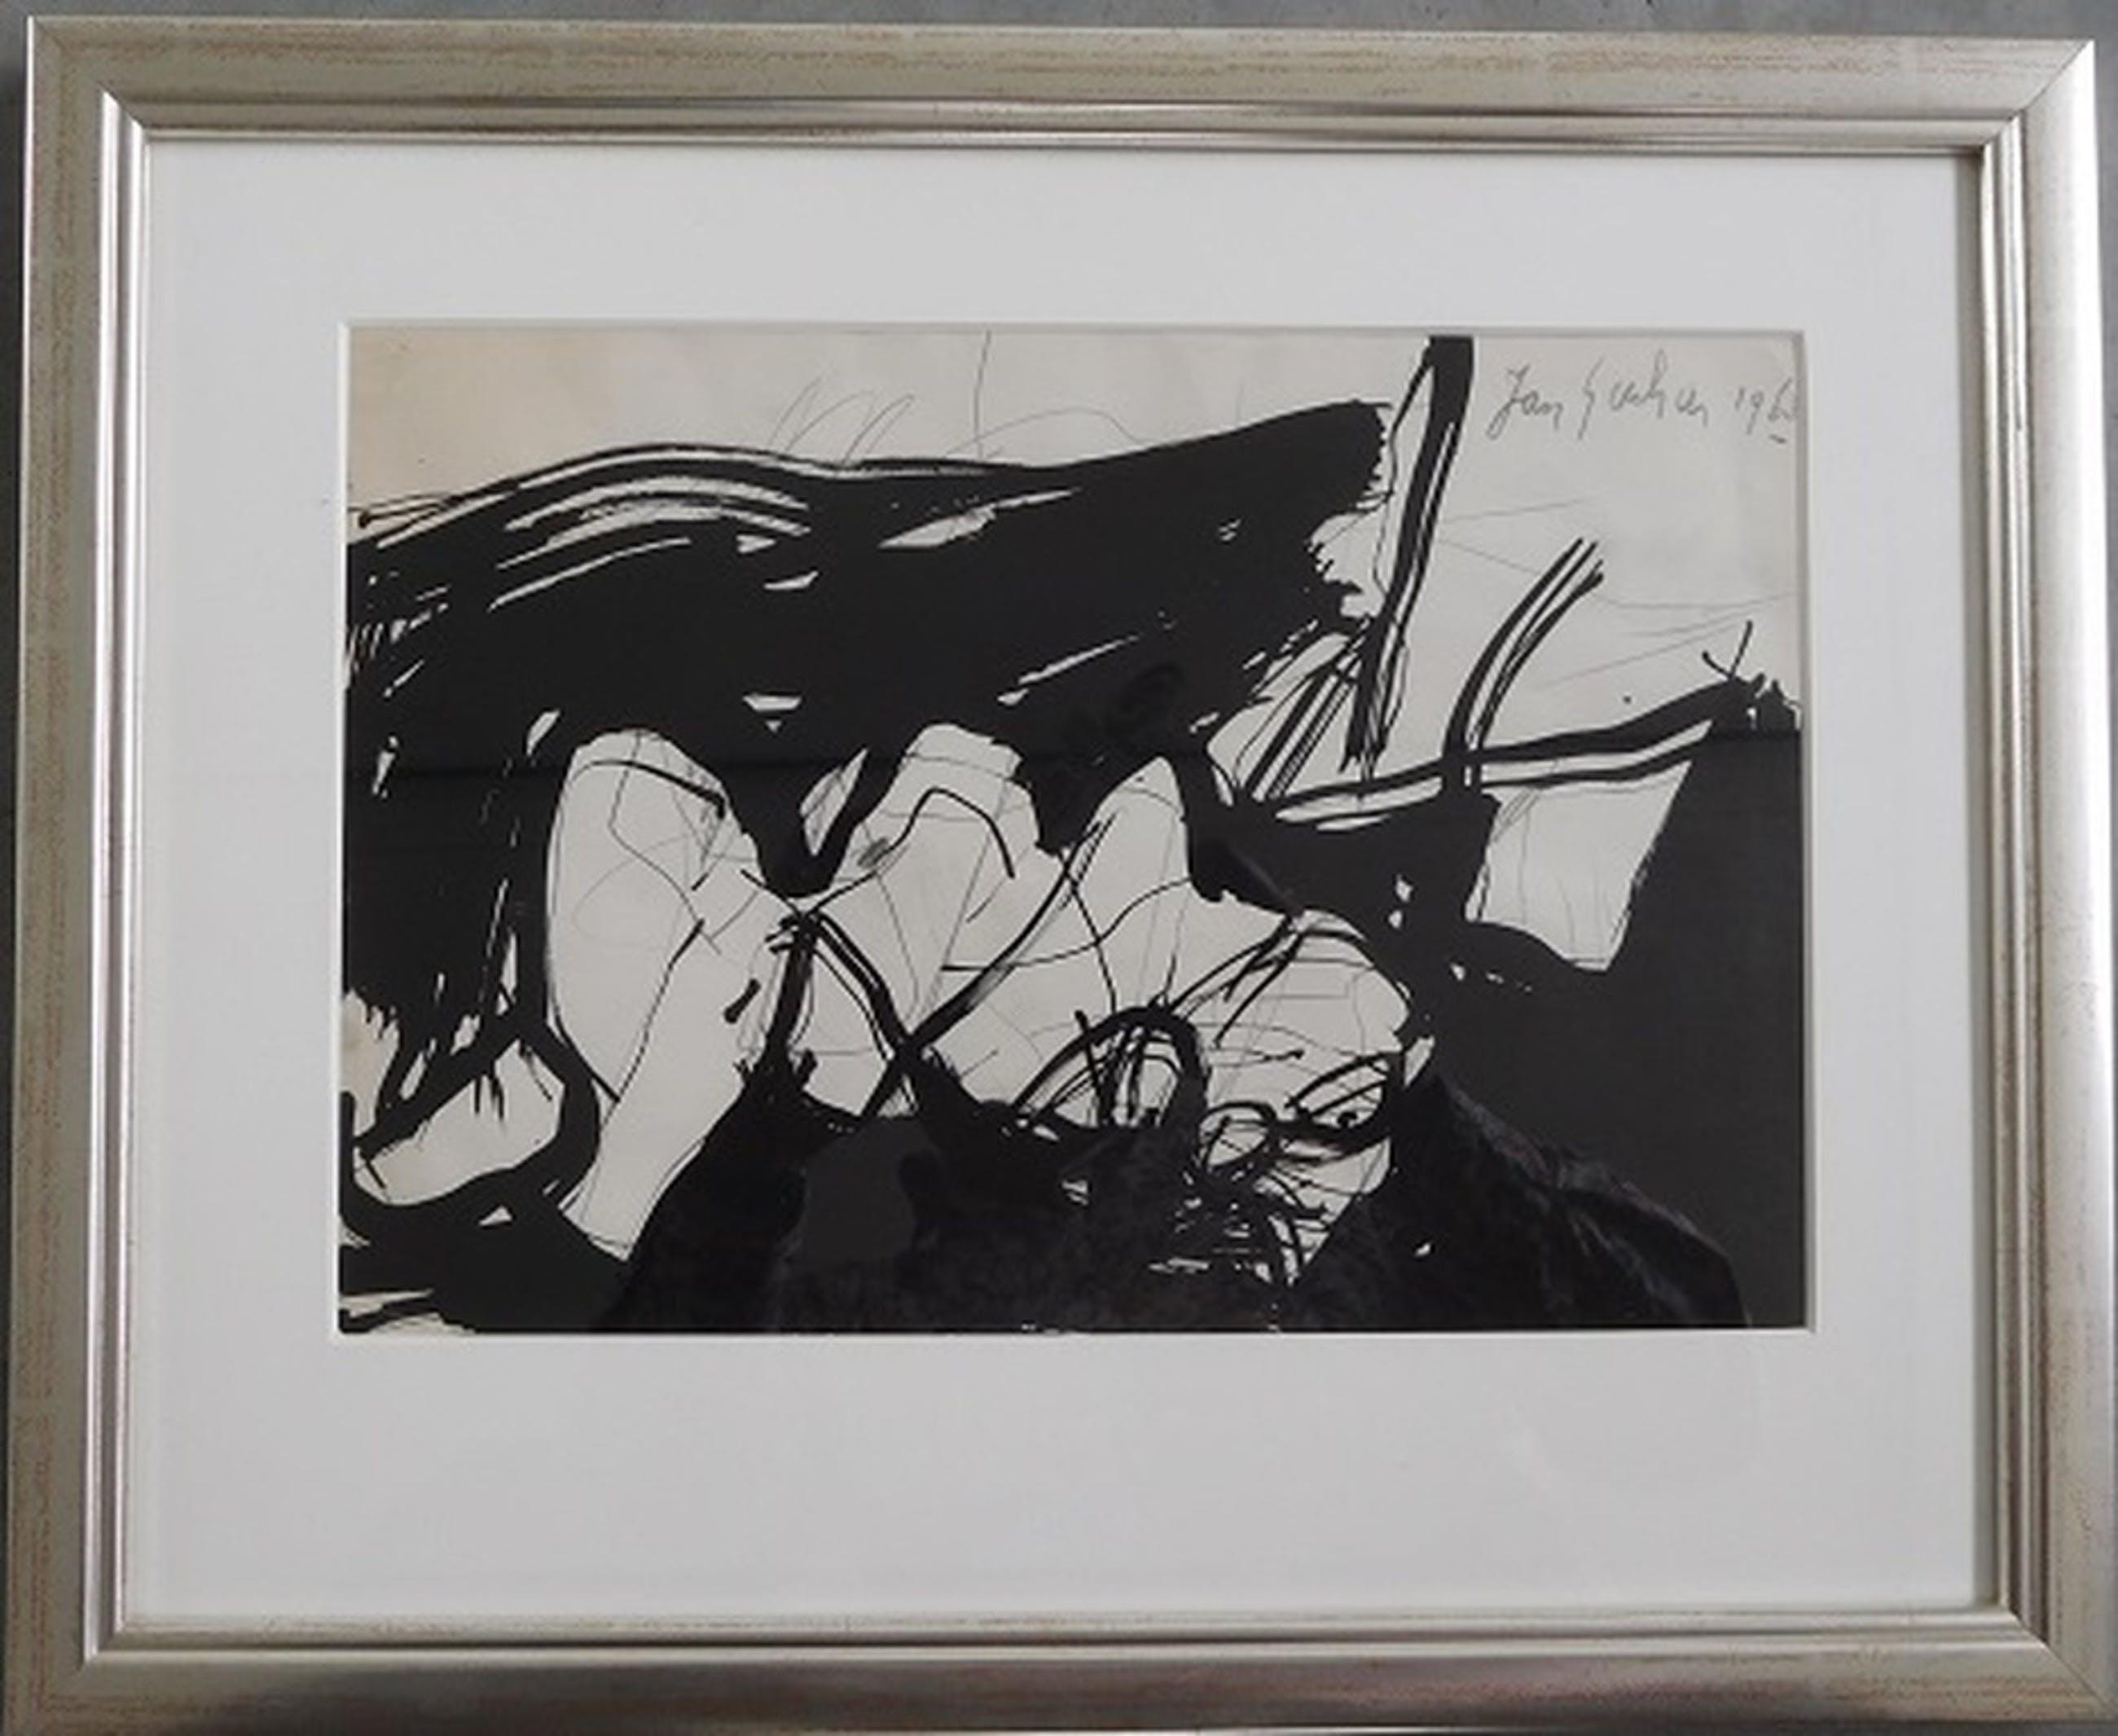 Jan Sierhuis, Landschap met liggend figuur, Oost-Indische Inkt en potlood,1968 kopen? Bied vanaf 150!